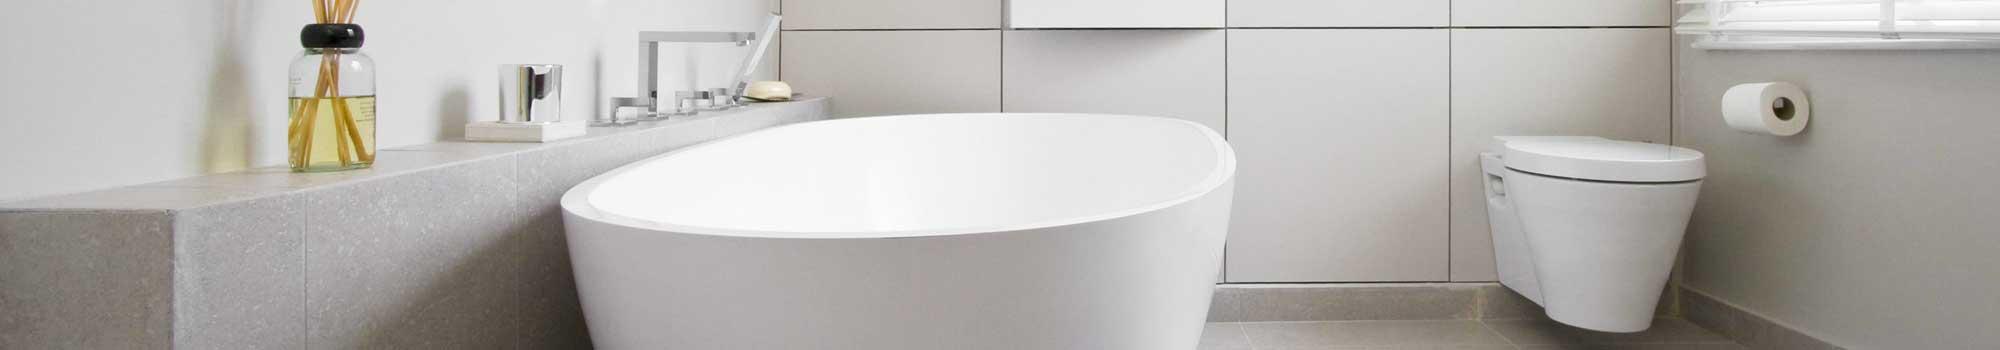 Designer Concrete For The Bath